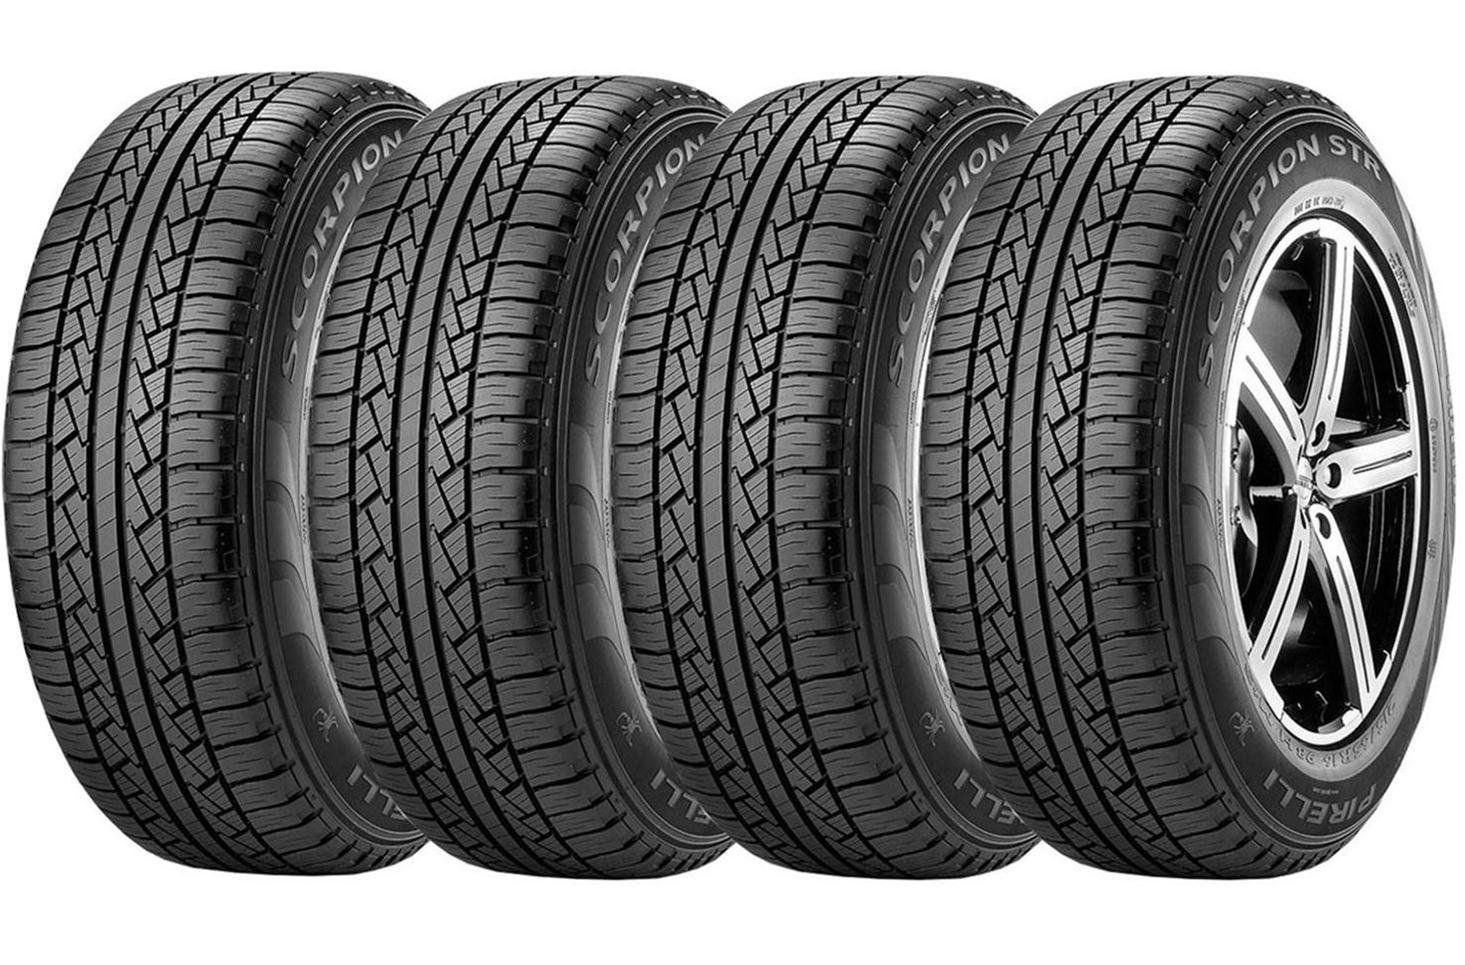 Pneu Pirelli Scorpion Str 265/75 R16 123/120r - 4 Unidades